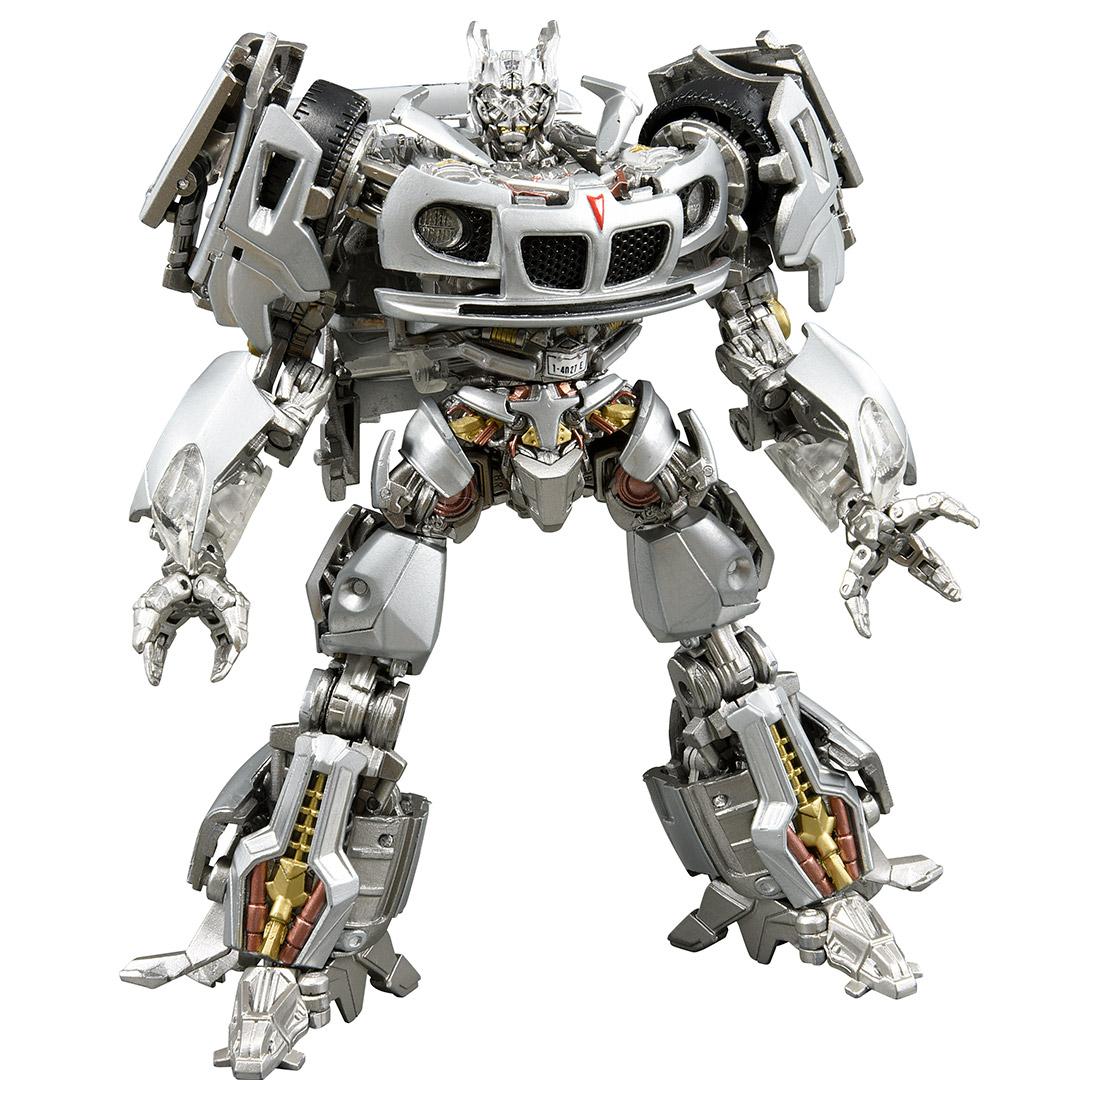 マスターピース『MPM-9 オートボットジャズ』トランスフォーマー 可変可動フィギュア-002